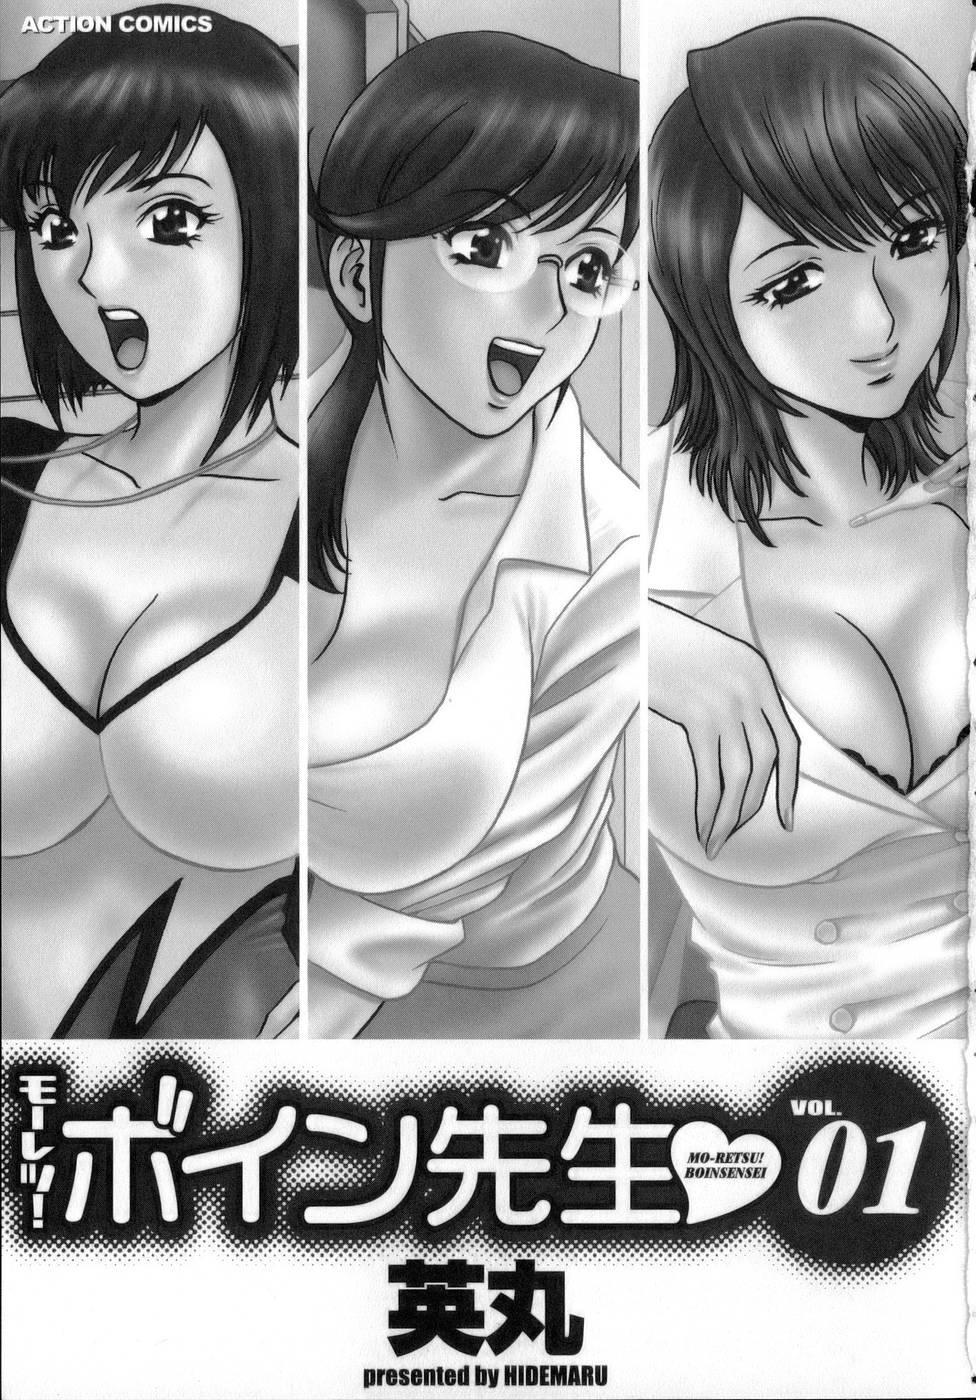 [Hidemaru] Mo-Retsu! Boin Sensei (Boing Boing Teacher) Vol.1 3